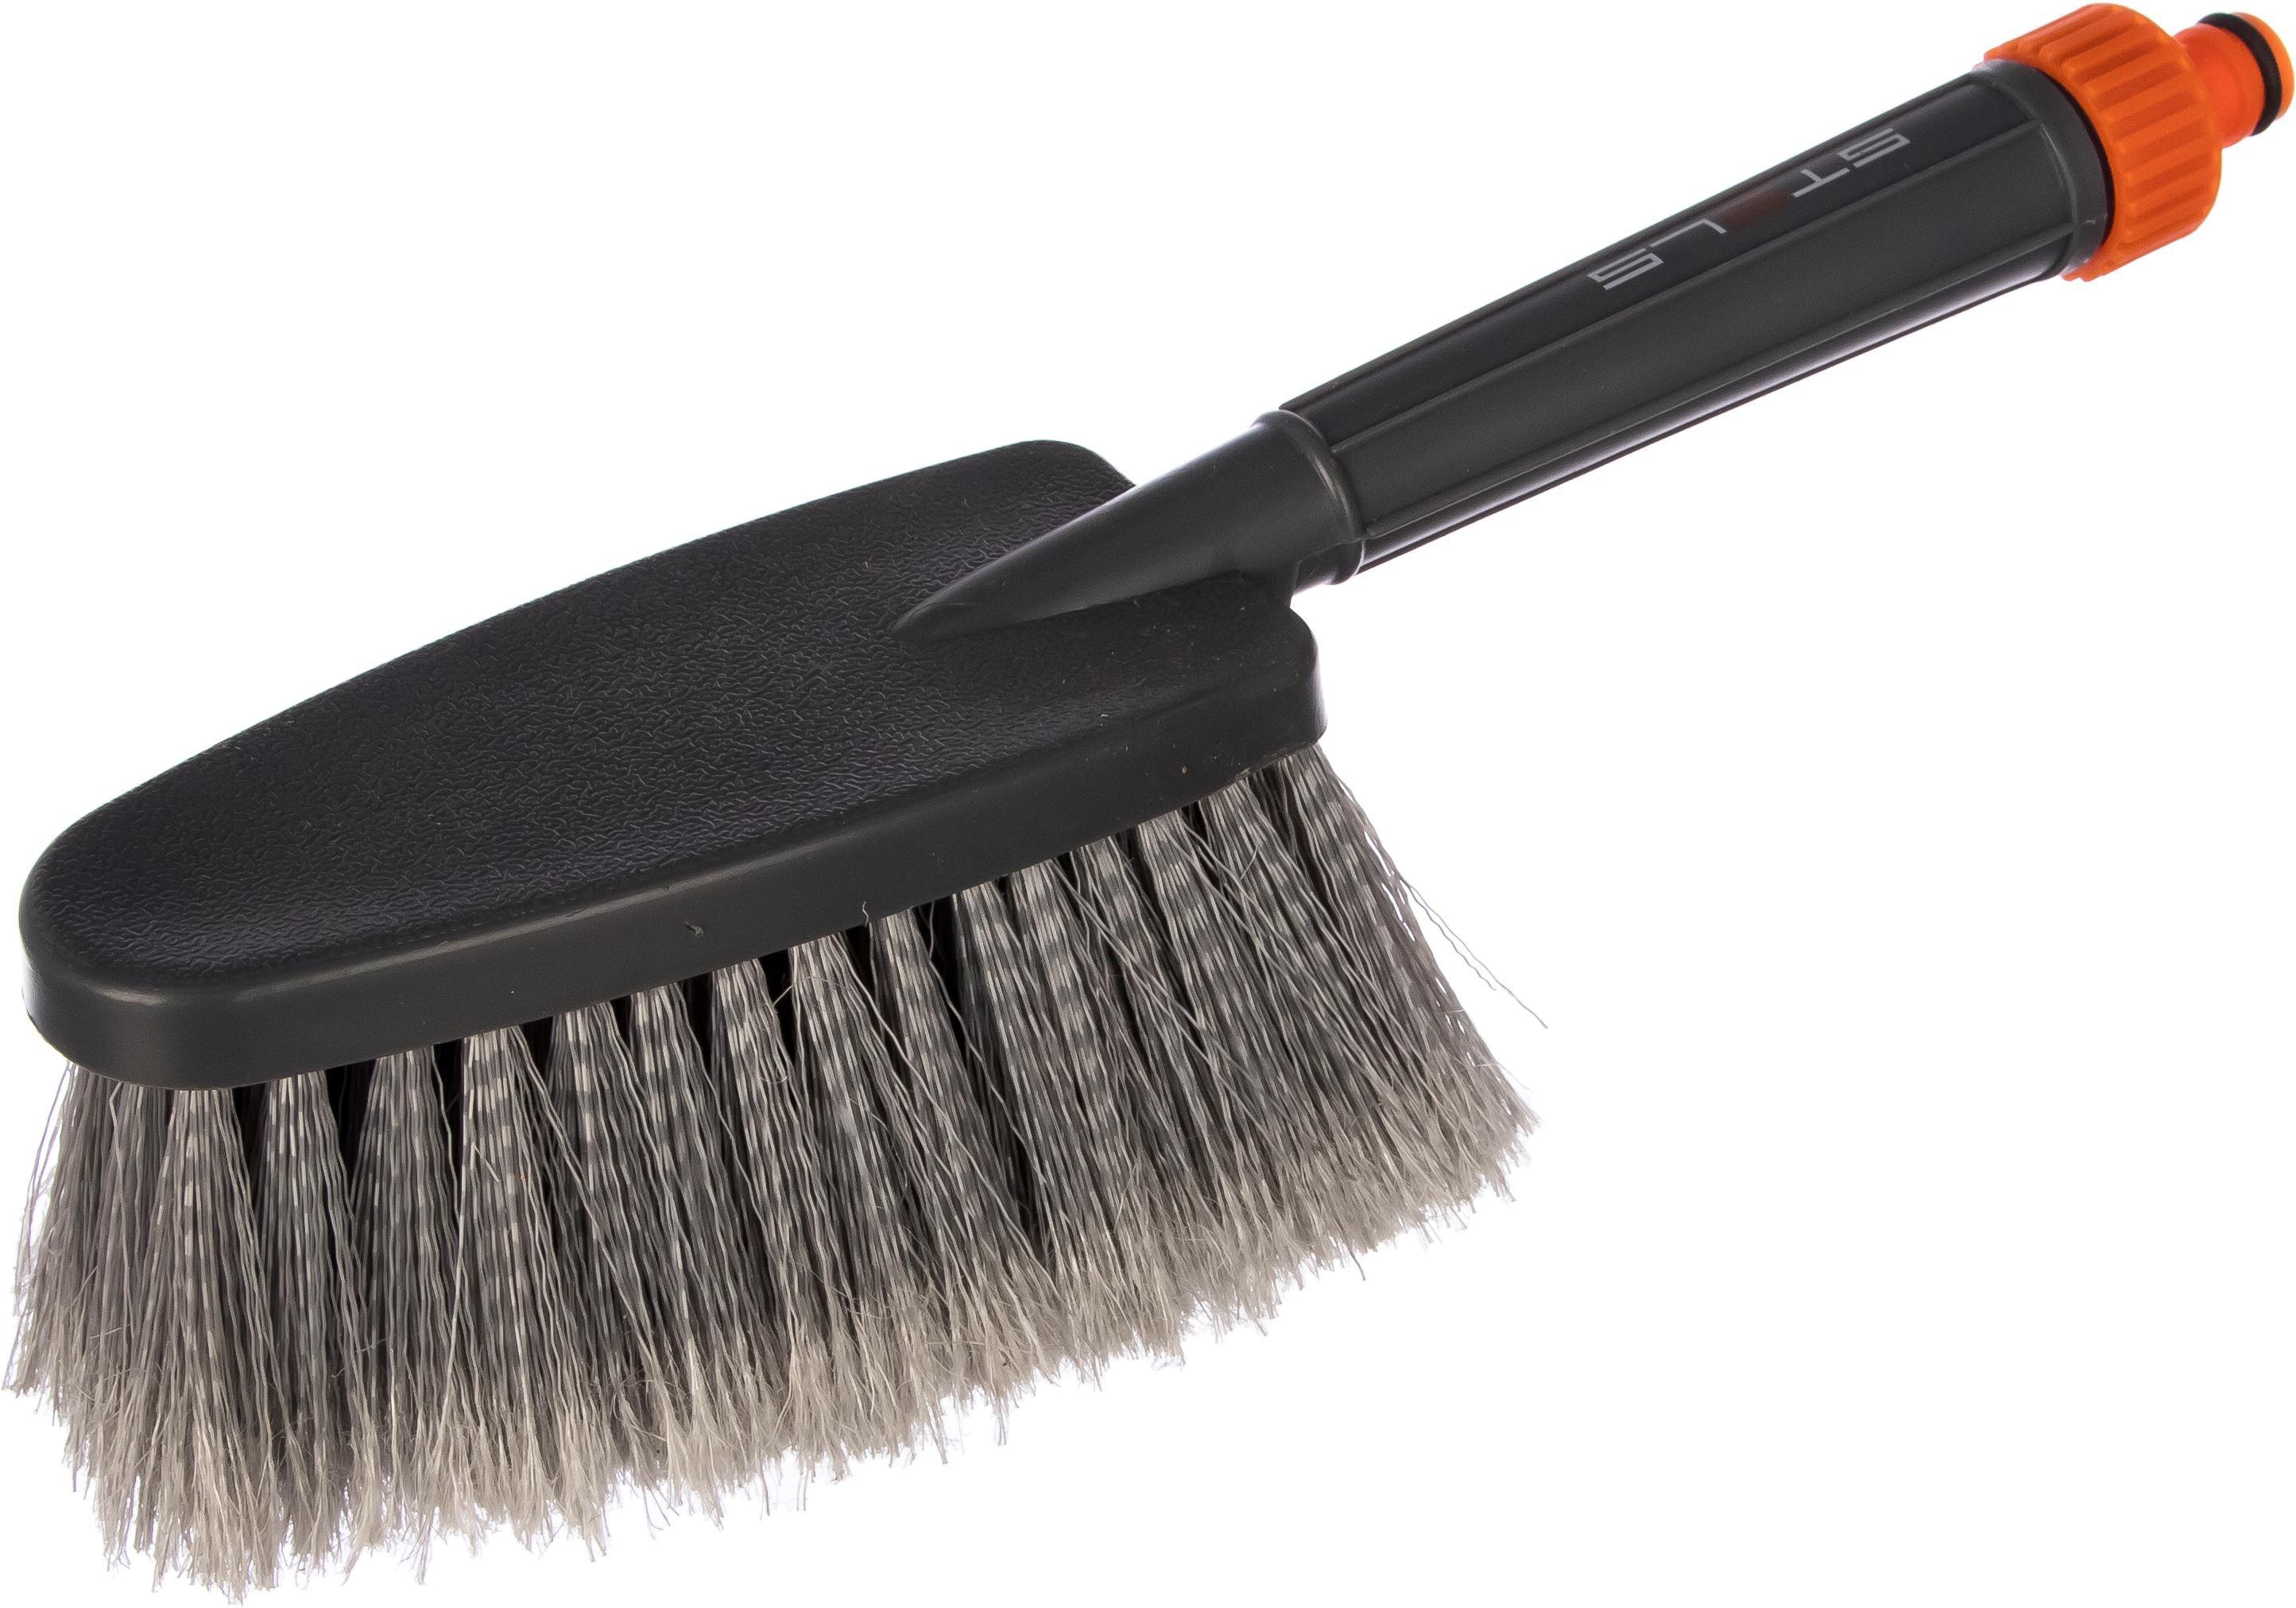 Щётка Stels 55222 щетка для мытья автомобиля с подачей воды stels 55227